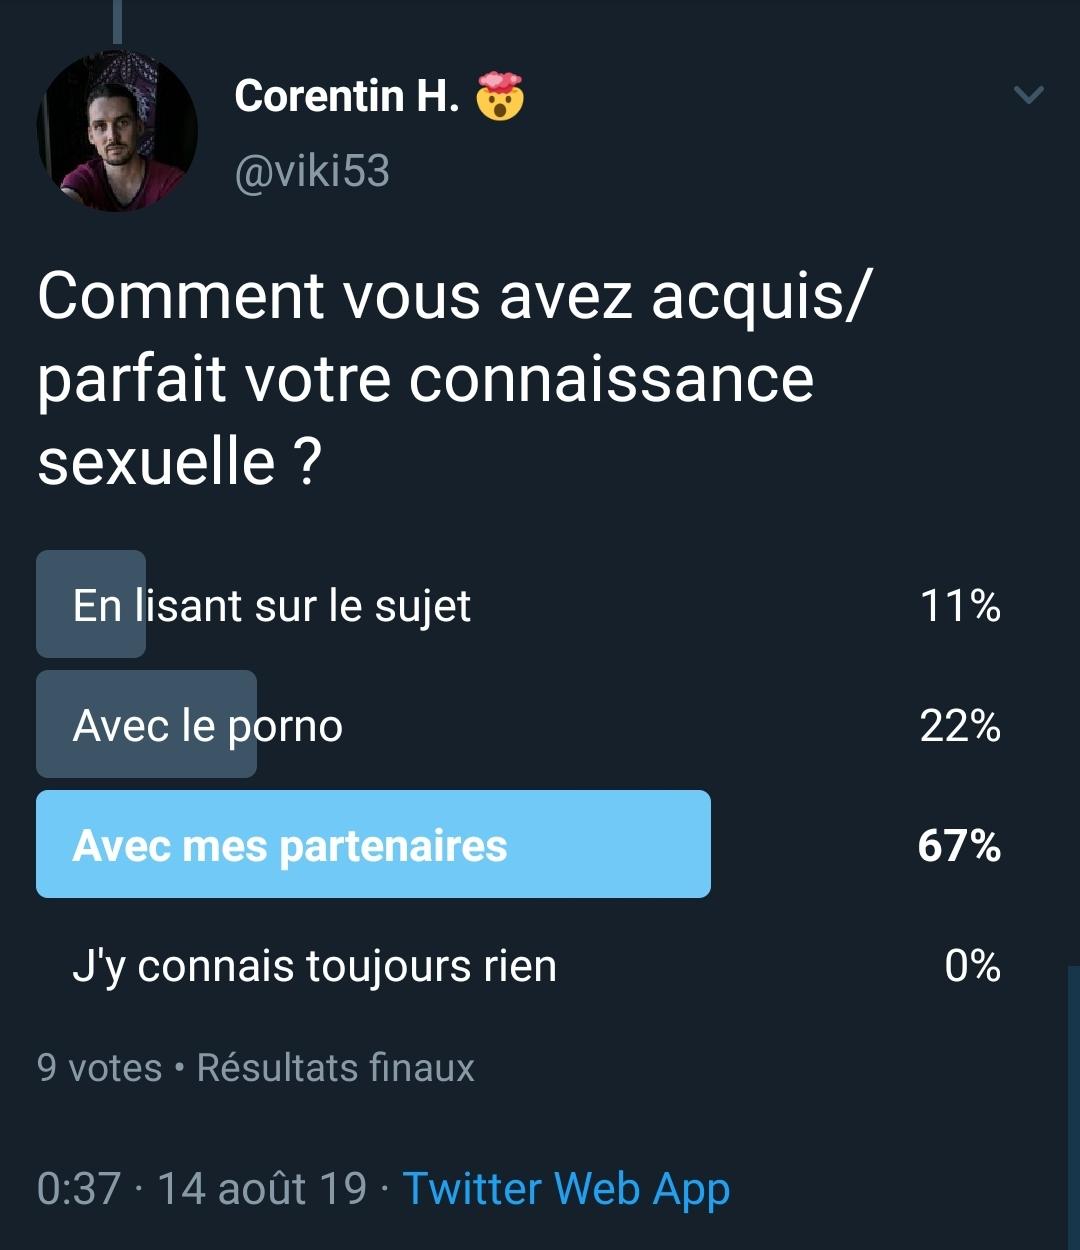 Sondage Twitter — Résultats de la question 4